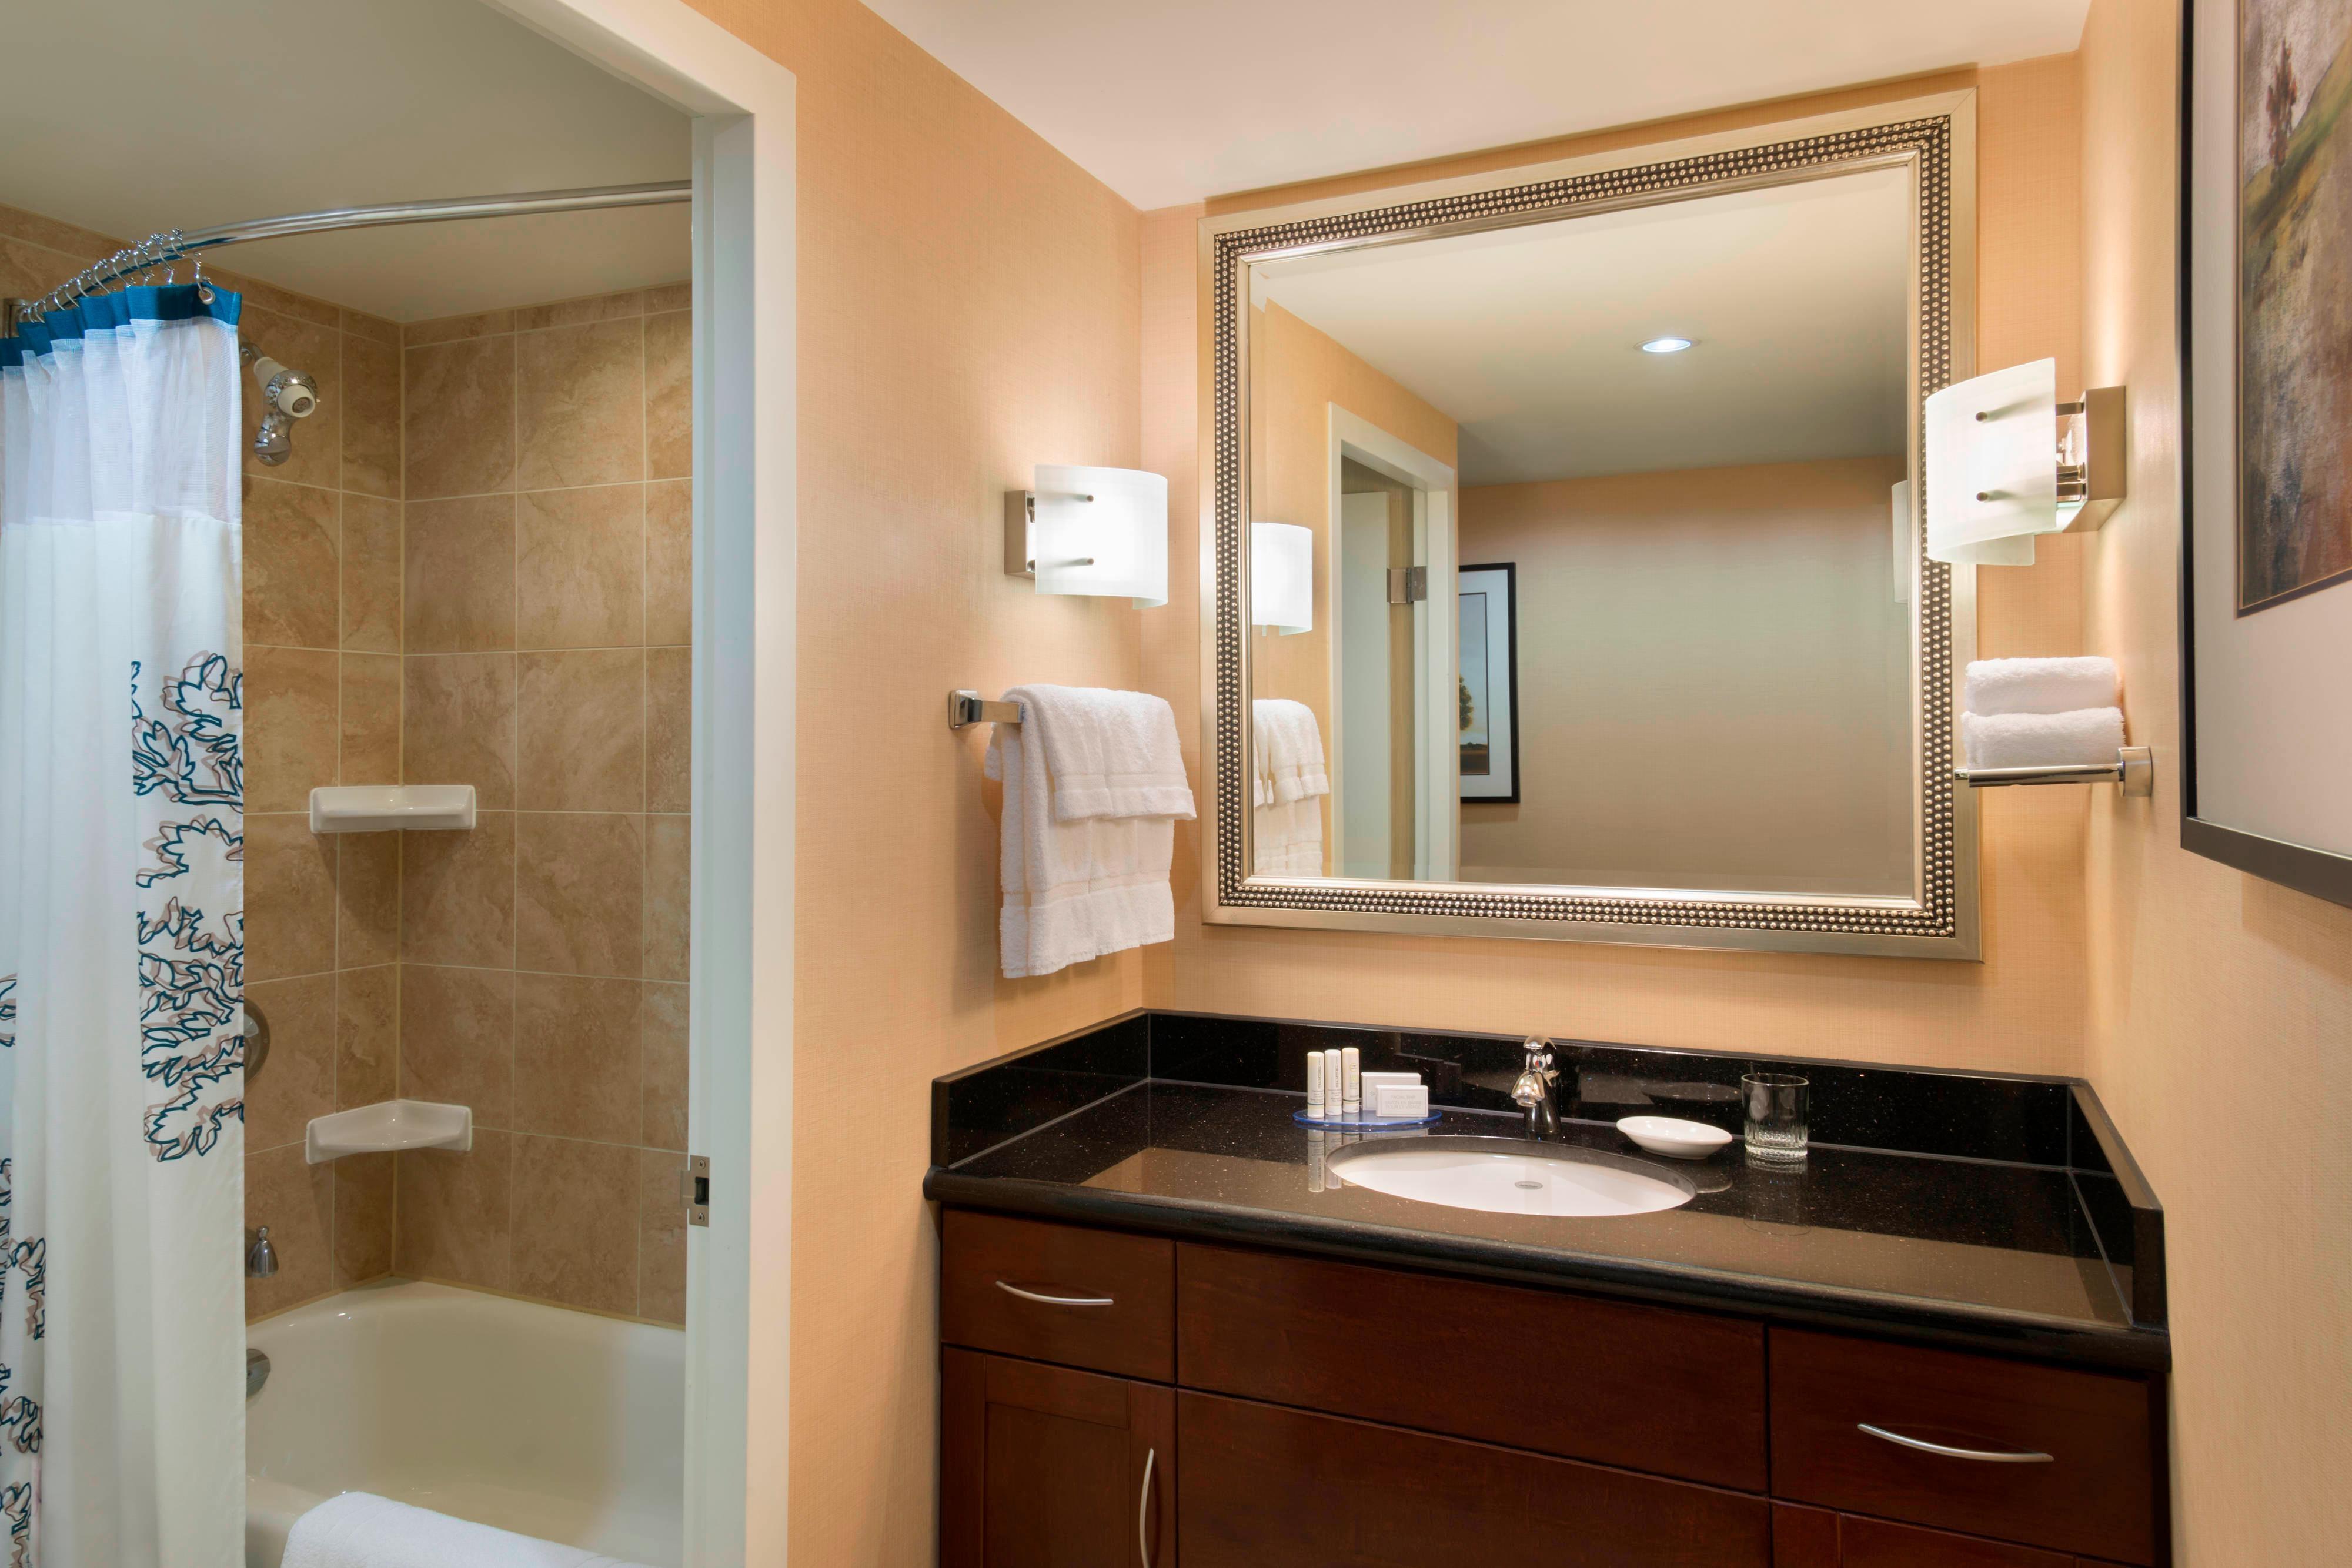 Salle de bains d'une chambre de l'hôtel de l'Entertainment District de Toronto